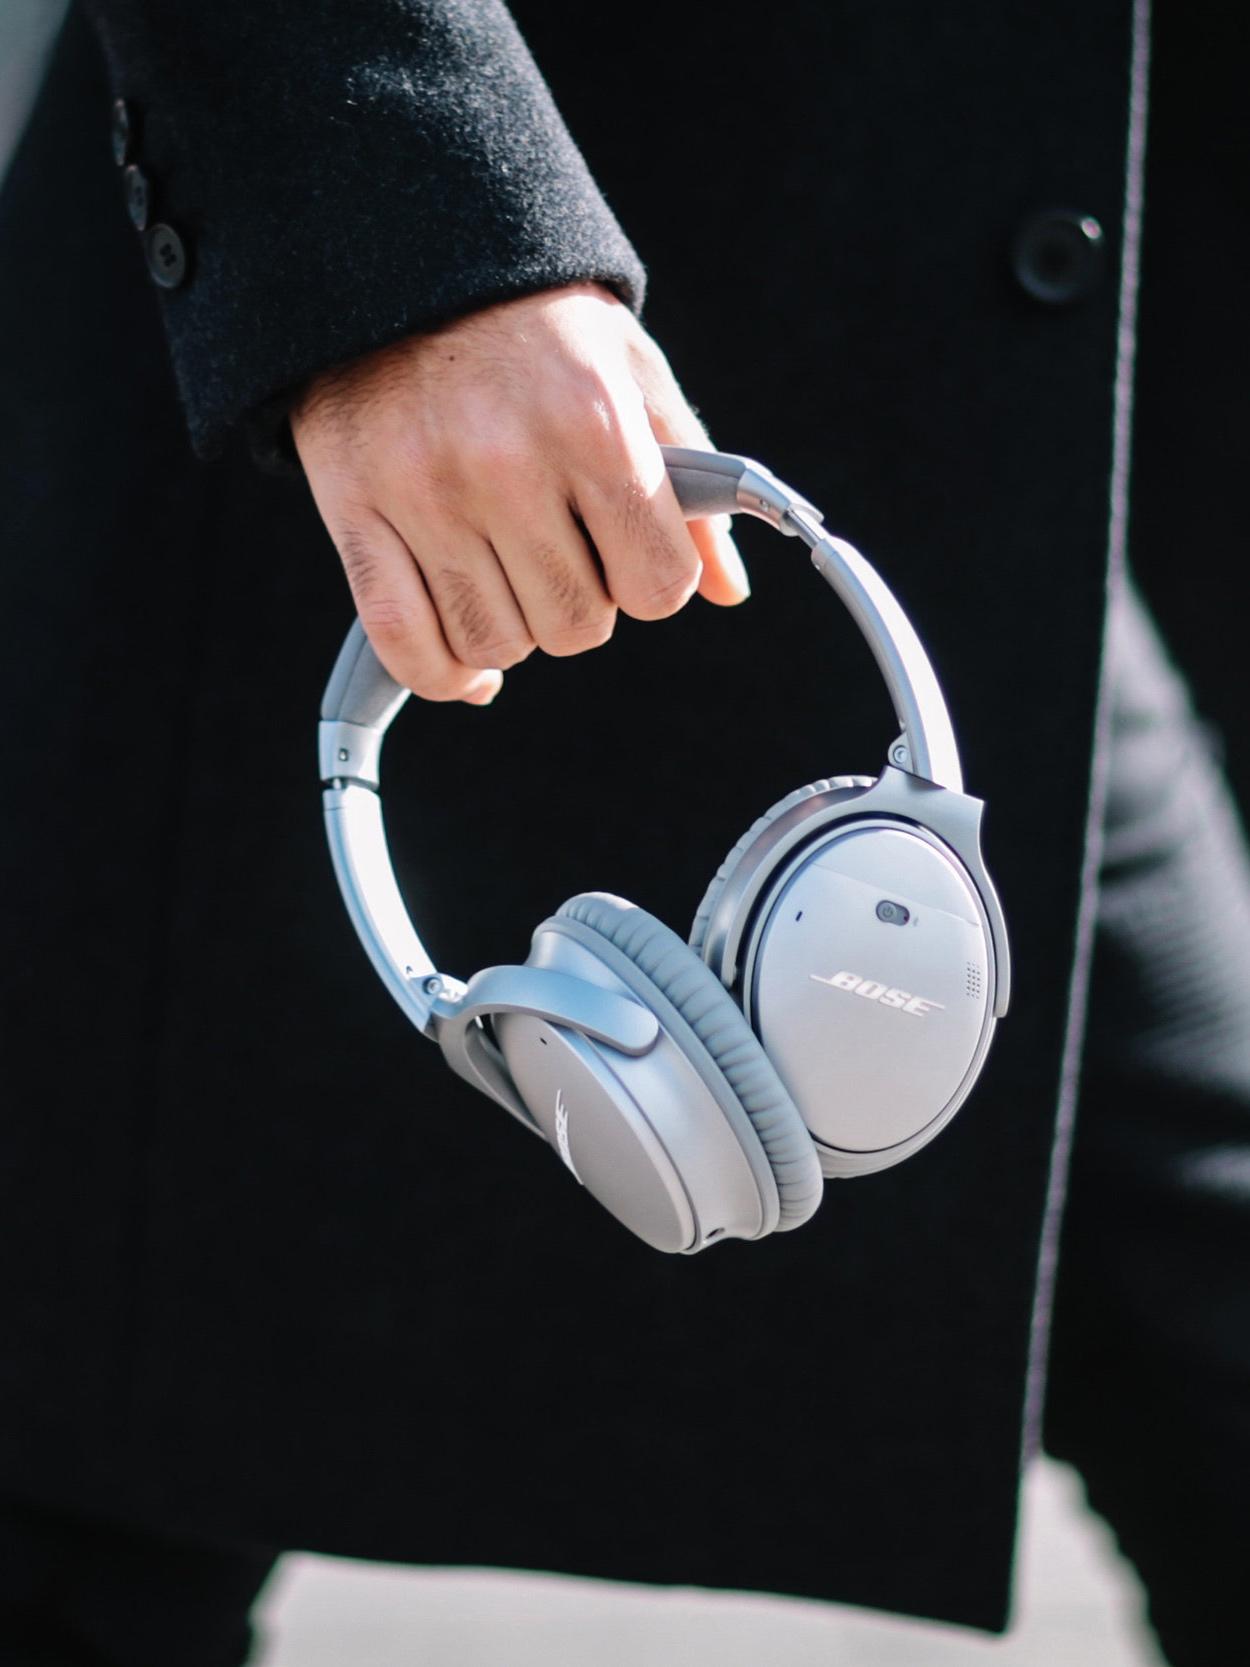 bose-headphones-spying.jpg